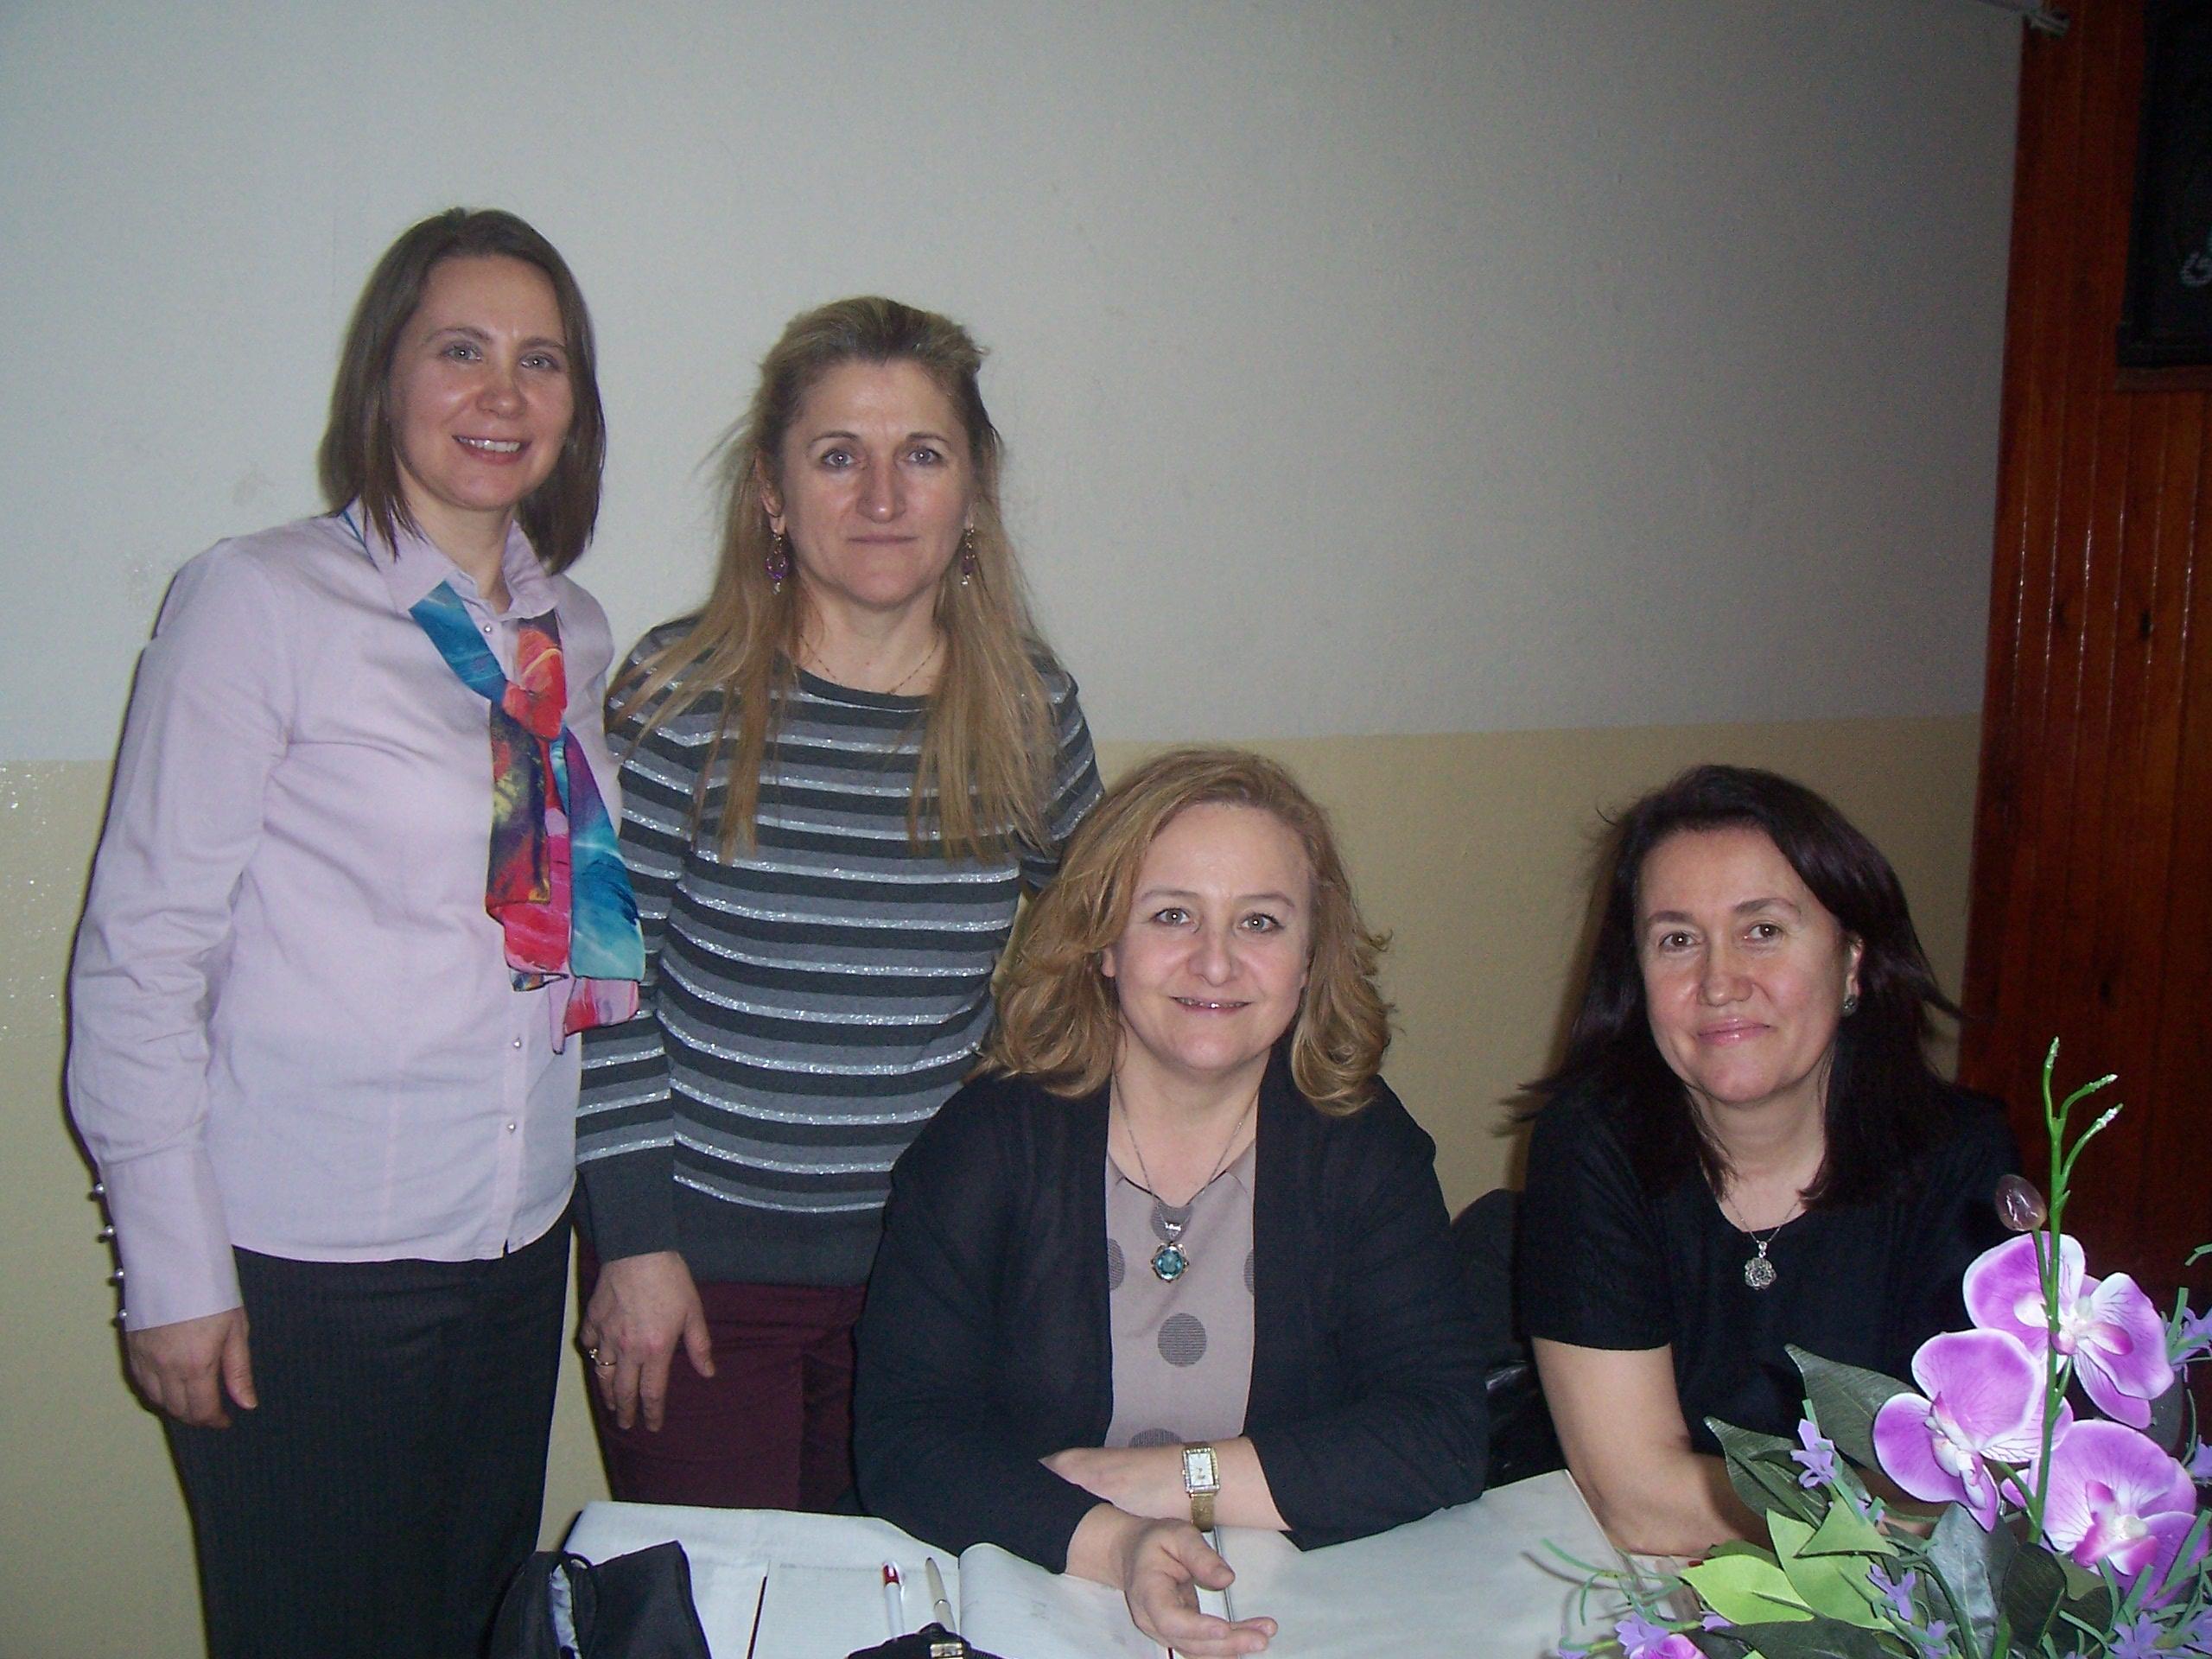 """3-21 Mart 2014 tarihleri arasında Edirne İl Milli Eğitim Müdürlüğü ve Trakya Üniversitesi Eğitim Fakültesi işbirliği ile Milli Eğitim Bakanlığı'na bağlı okul öncesi öğretmenlerine 120 saatlik """"Okul Öncesi Eğitiminde Montessori Yaklaşımı"""" uygulamalı semineri."""